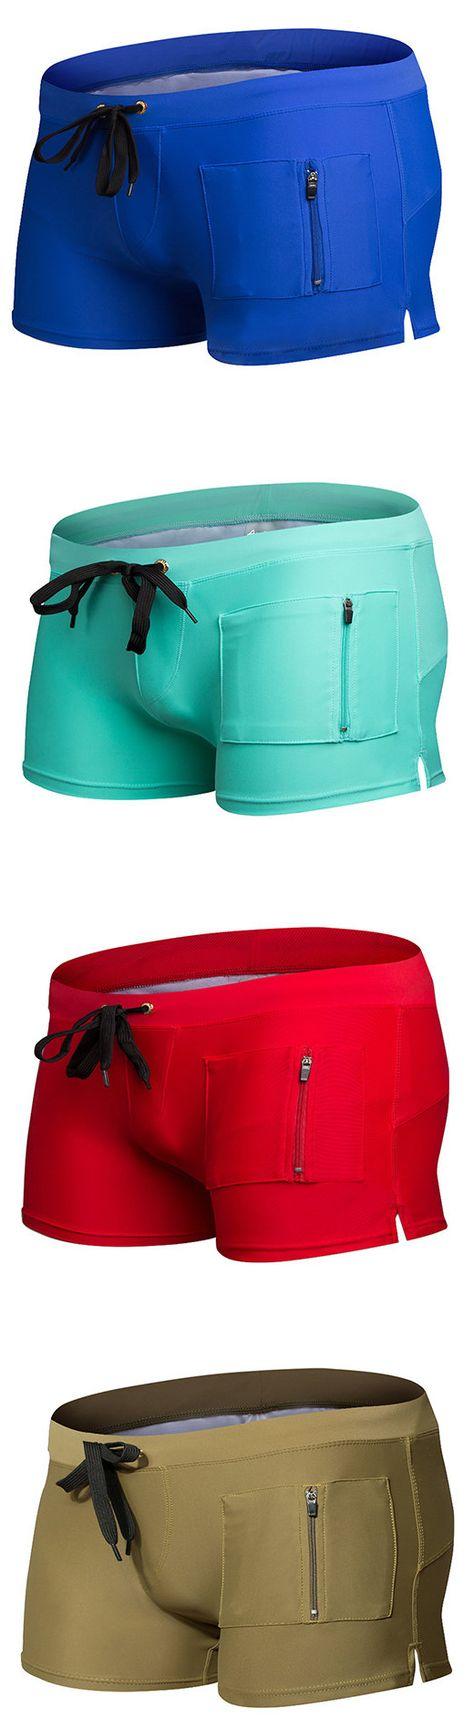 Mens Soft Breathable Dount Unicorn Party Underwear Boxer Briefs